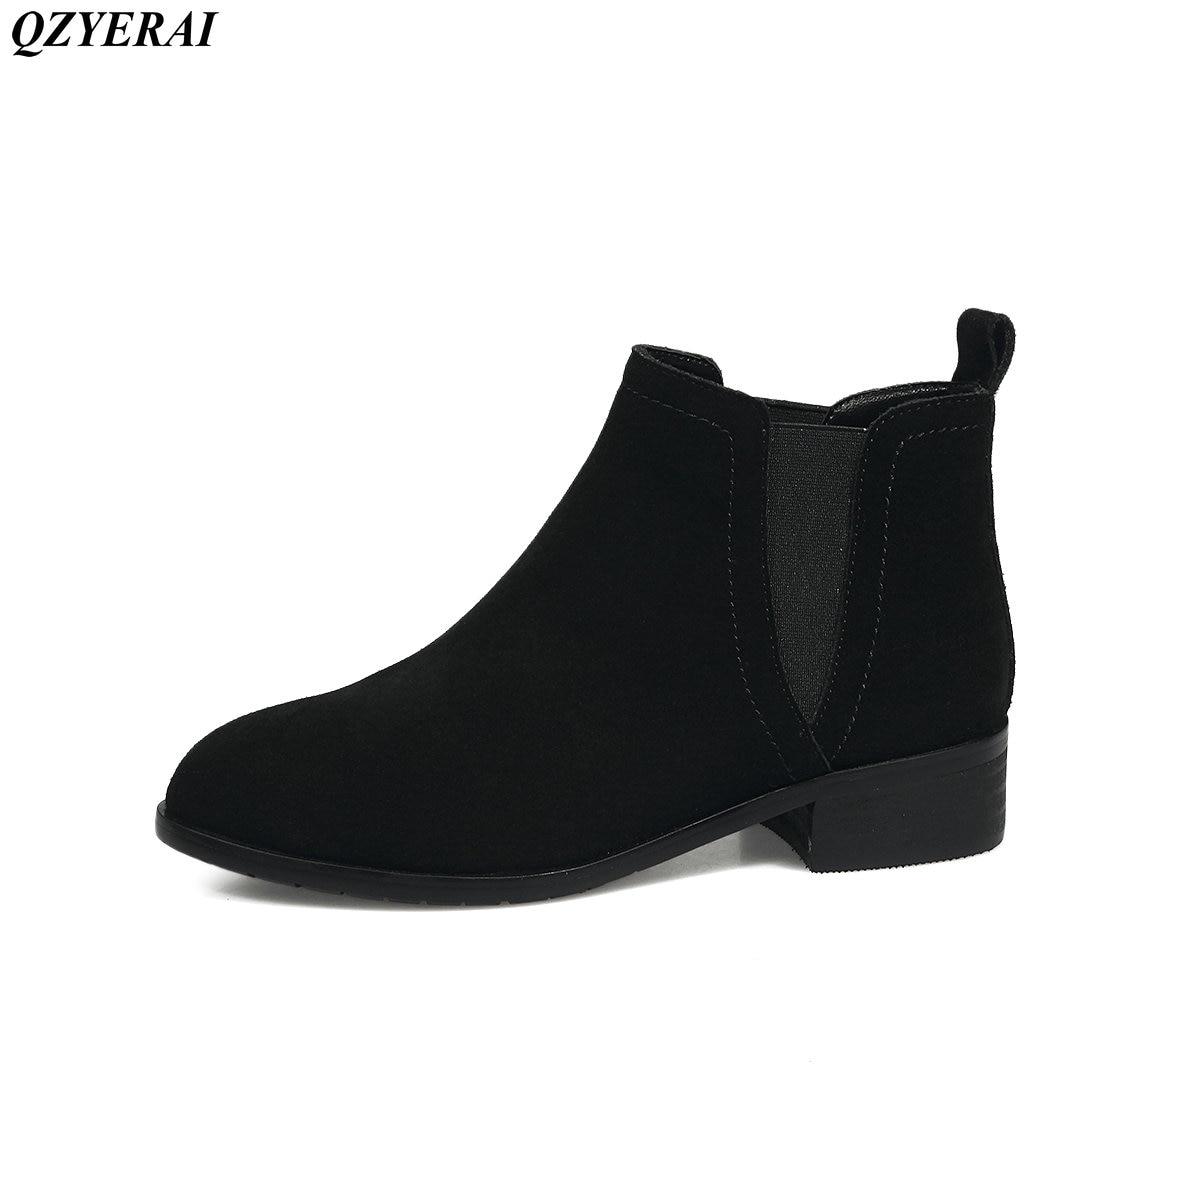 QZYERAI 2018 осень-весна модные ботильоны корова кожи 100 % ботильоны сексуальные ботинки Размер 34-43